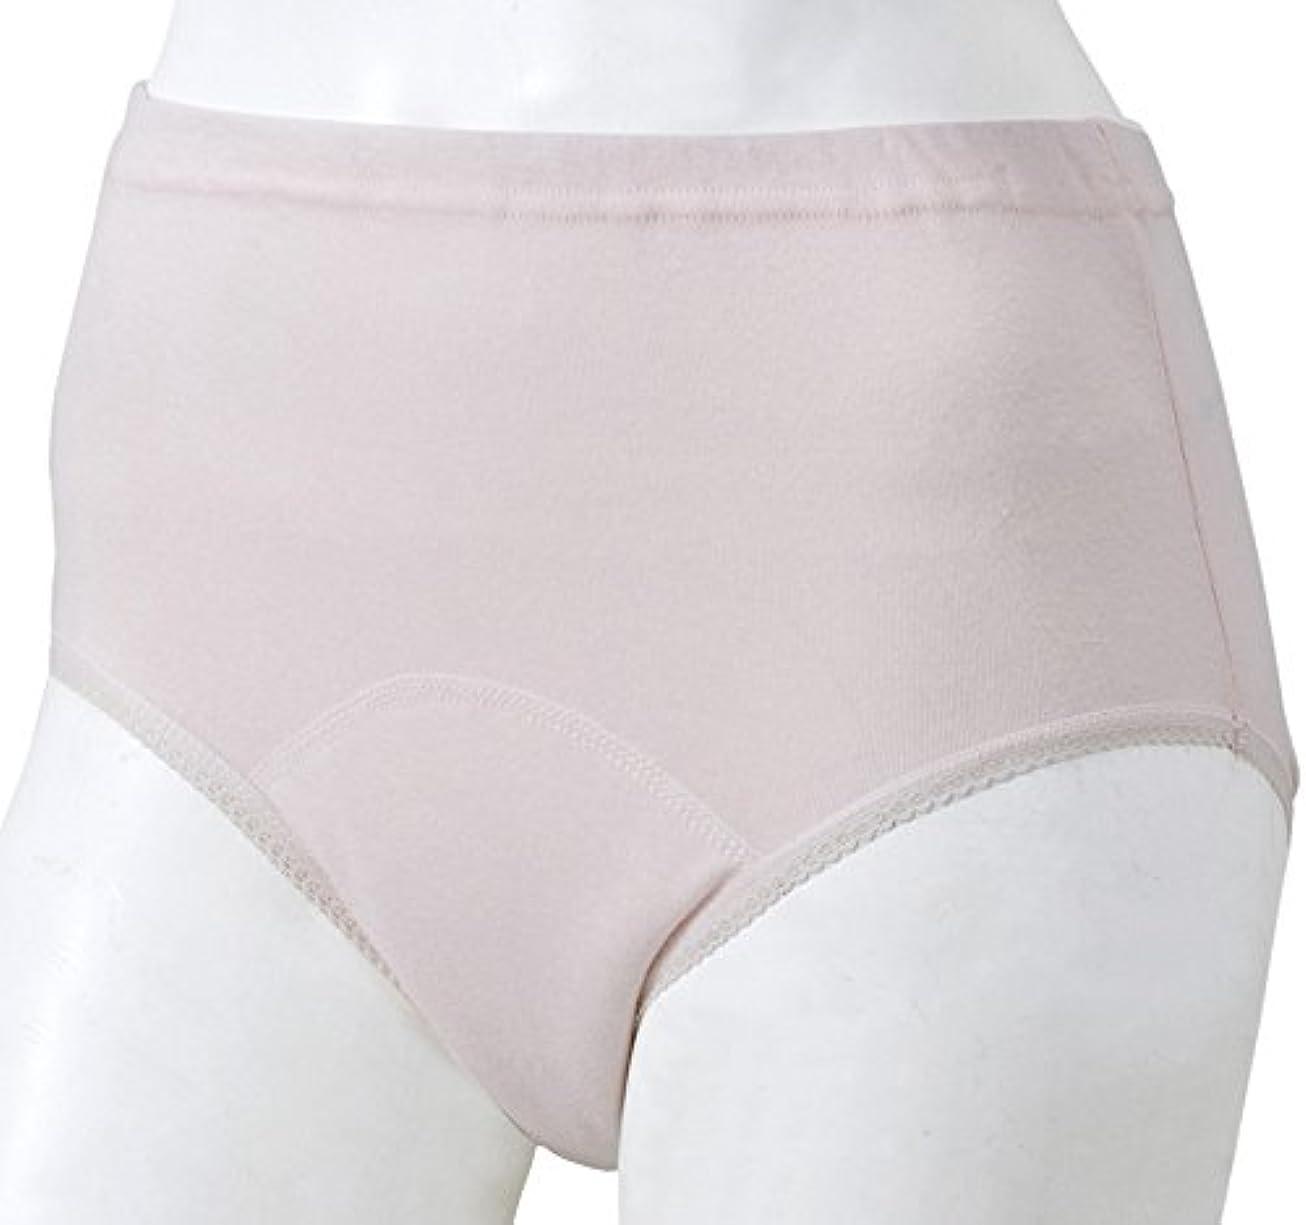 演じるマインド皮肉な豊通オールライフ 下着 女性 婦人失禁パンツ ショーツタイプ L ヒップ92~100cm ピンク レース付 吸収量60ml 抗菌 消臭